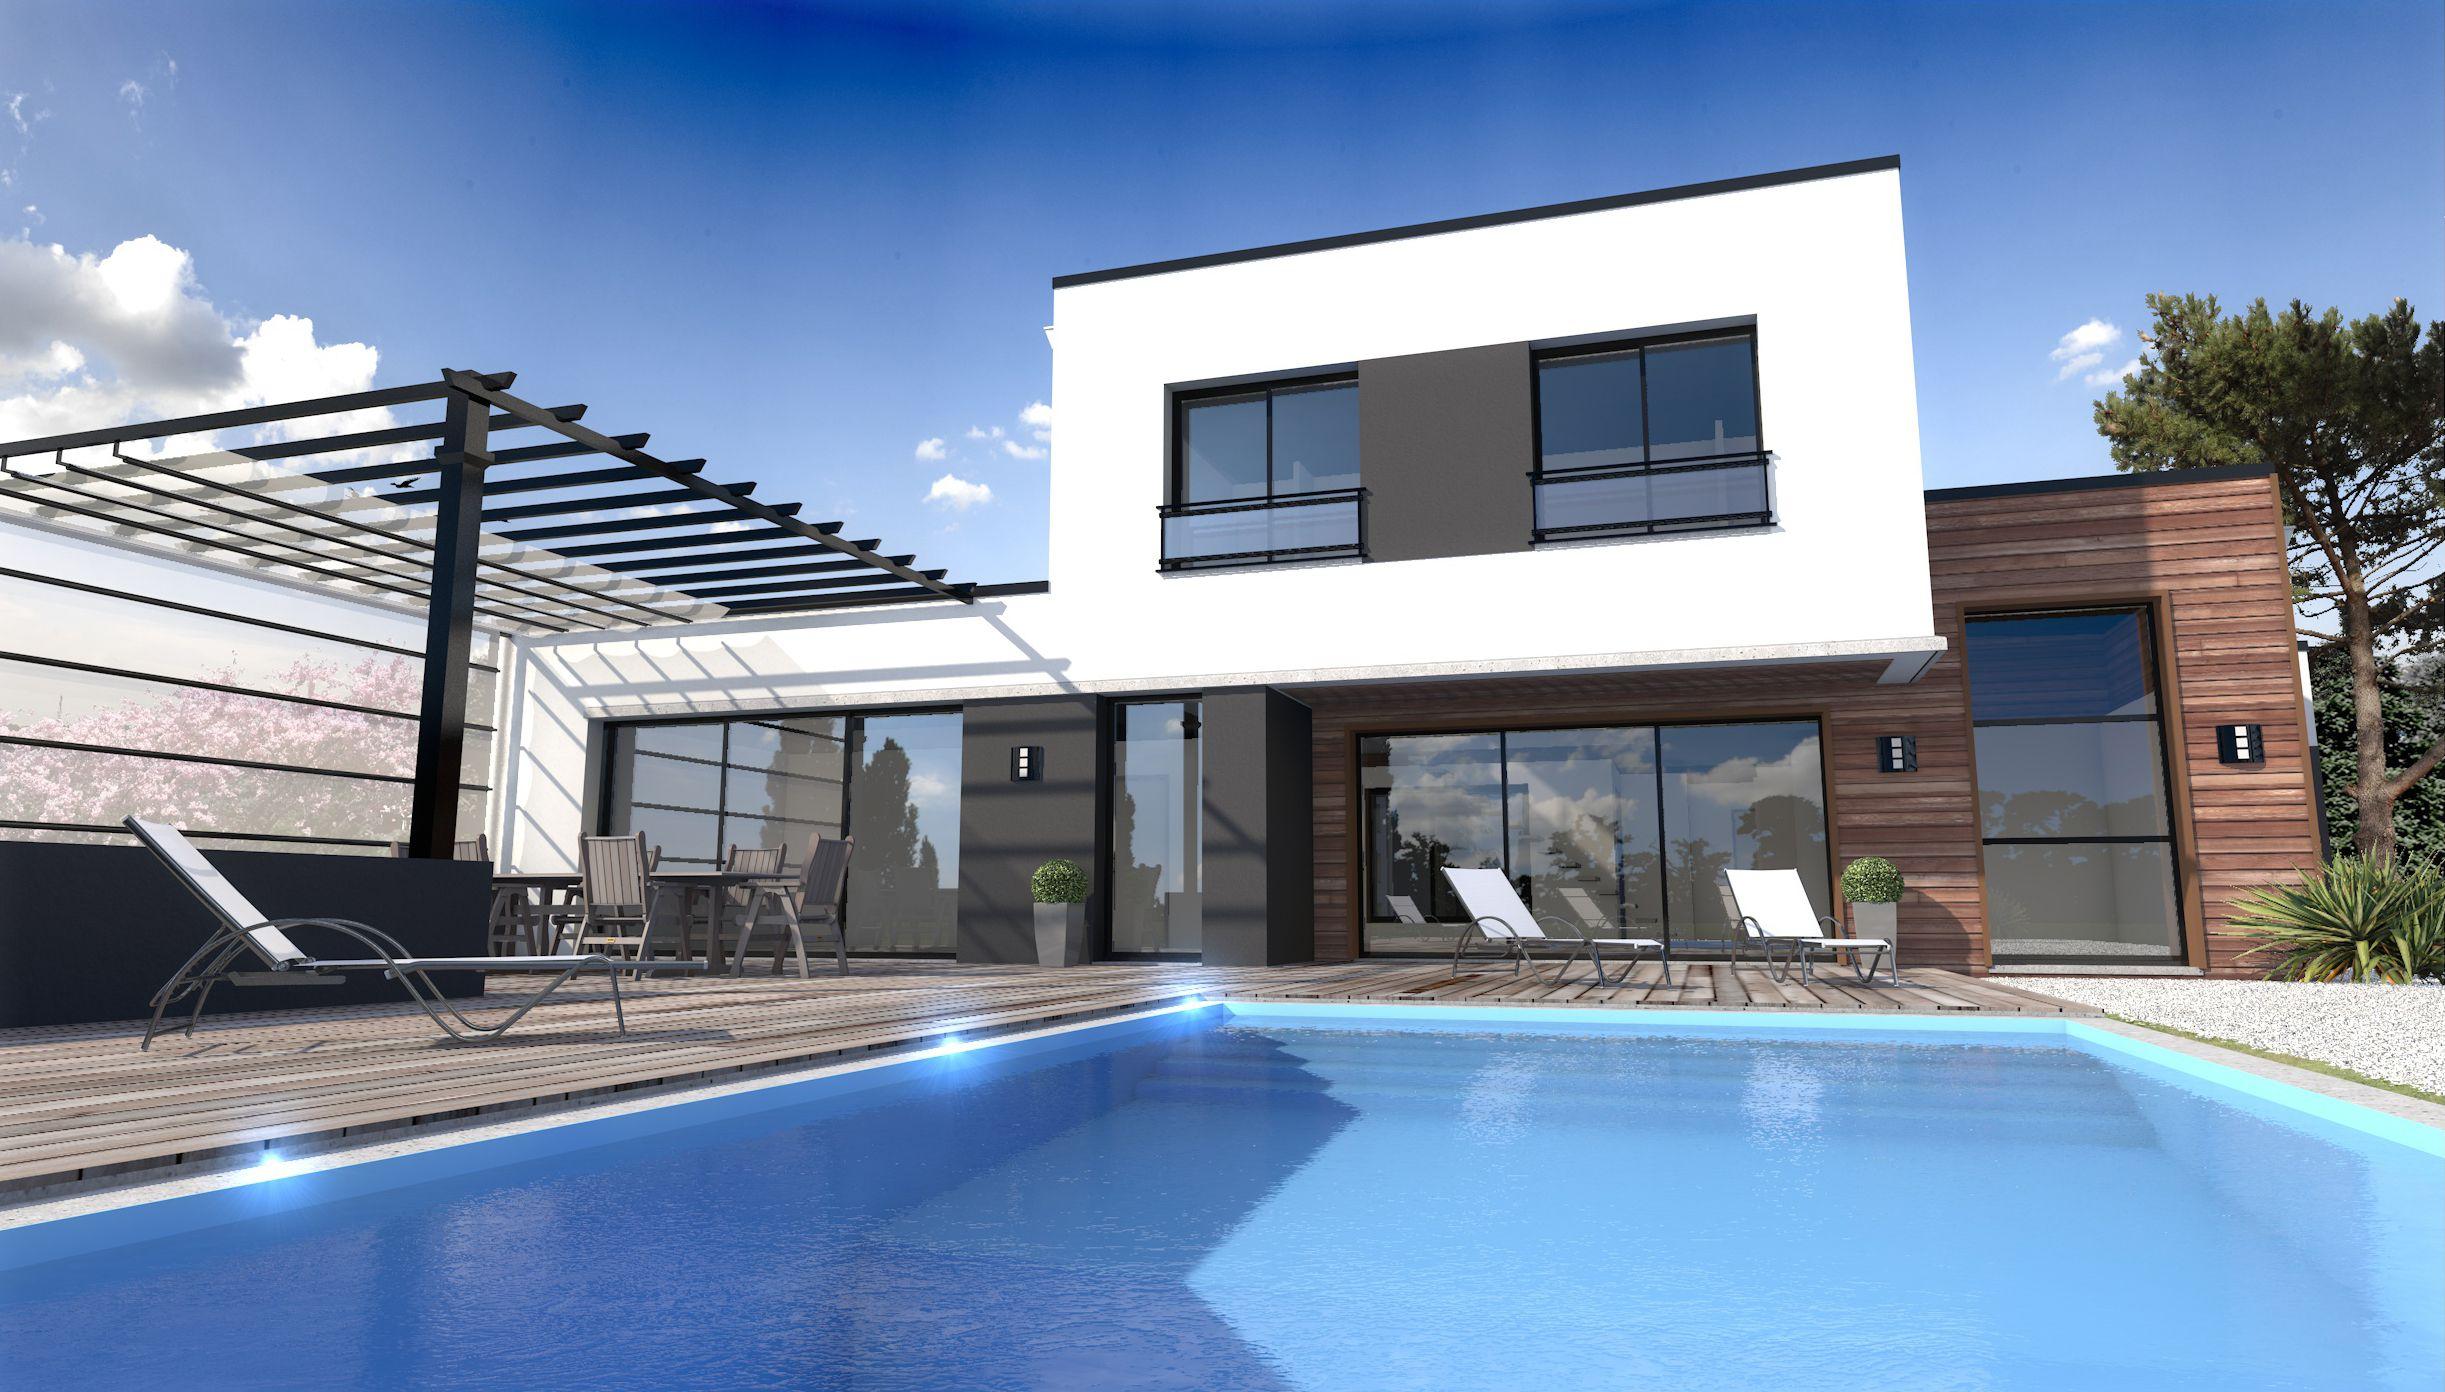 Constructeur maison loire maison moderne for Constructeur maison moderne reunion